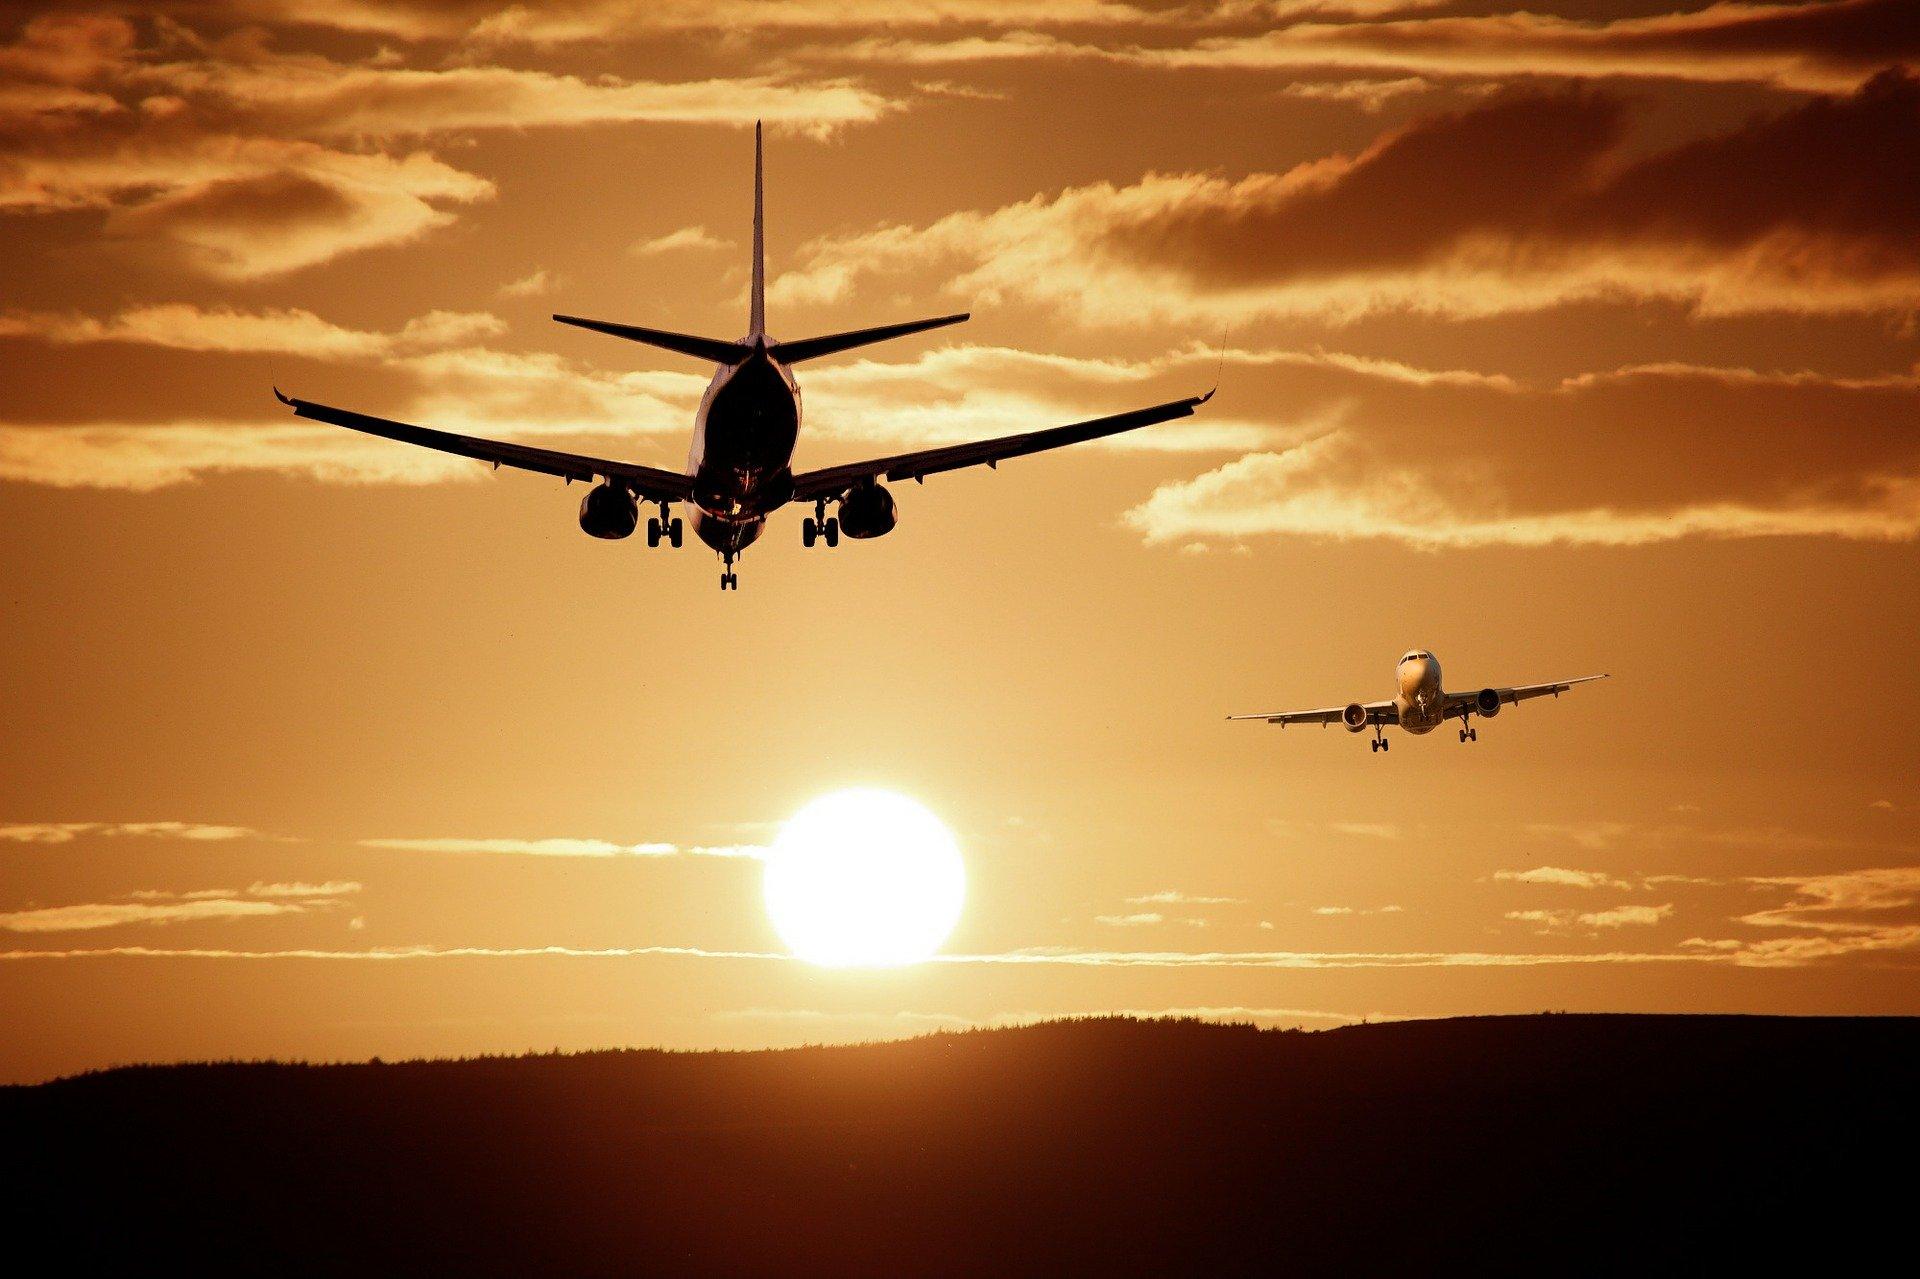 מוקם מאגר ביטוח בינלאומי בתחום הביטוח האווירי